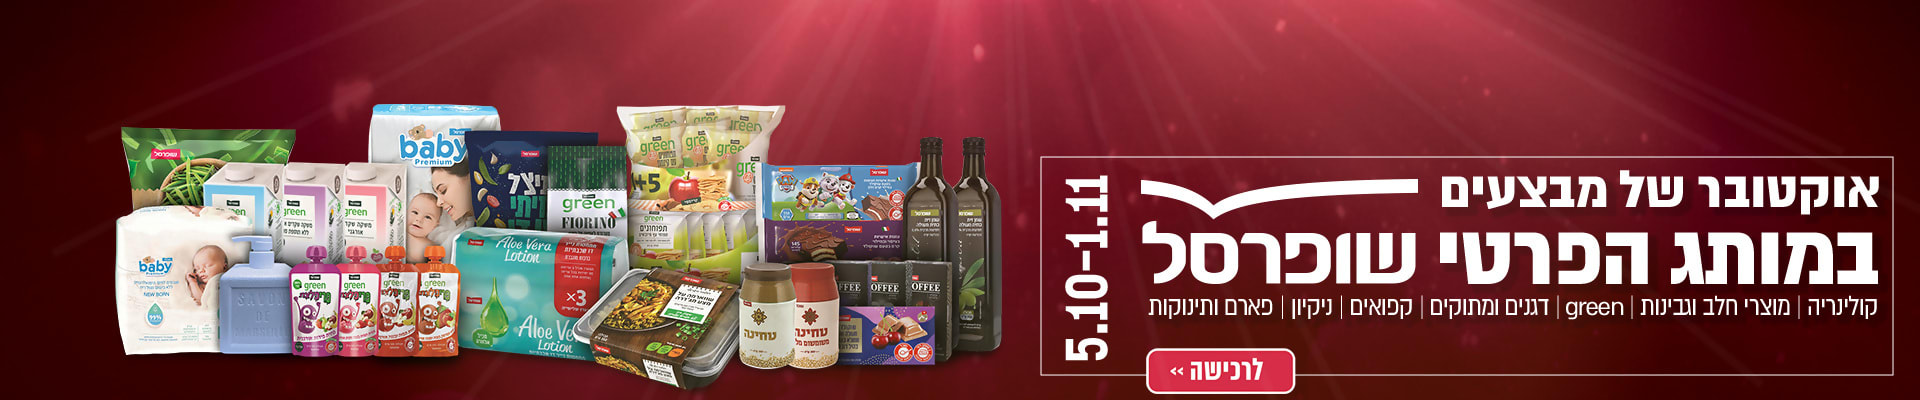 חגיגת מבצעי מוצרי מותג שופרסל: קולינריה, מוצרי חלב וגבינות, דגנים ומתוקים, קפואים, ניקיון, פארם ותינוקות